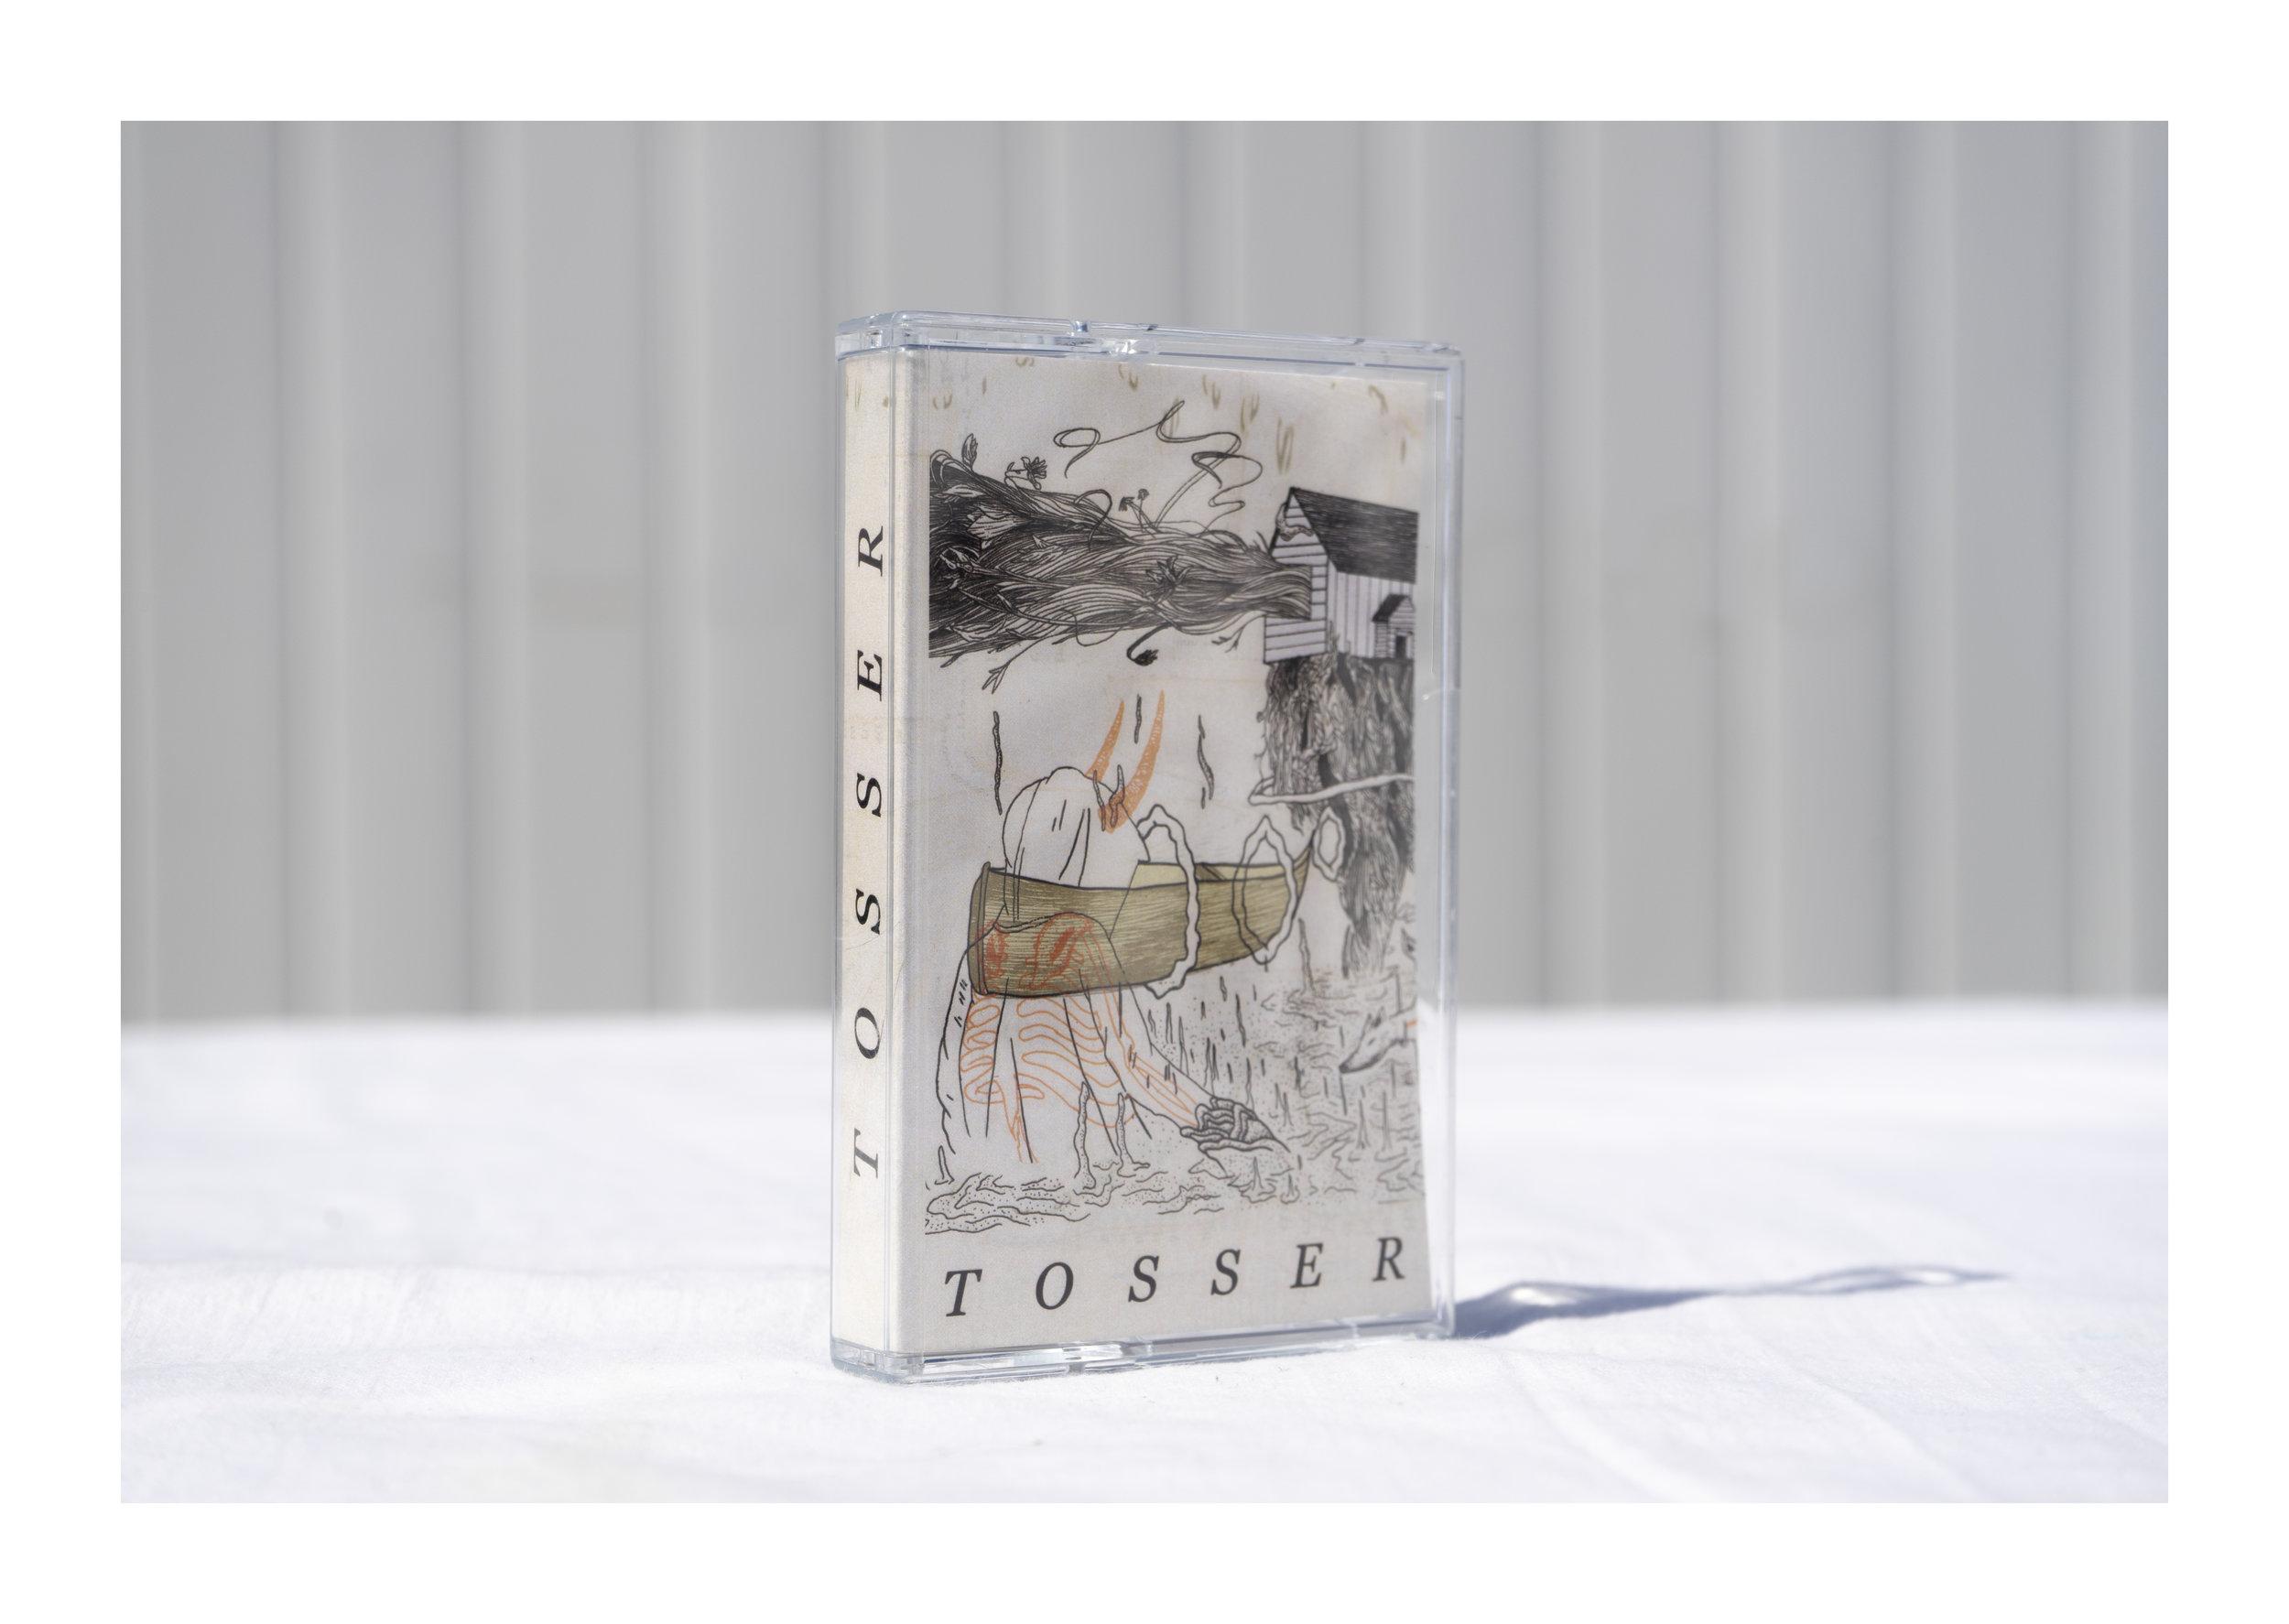 Tosser - EP Cassette